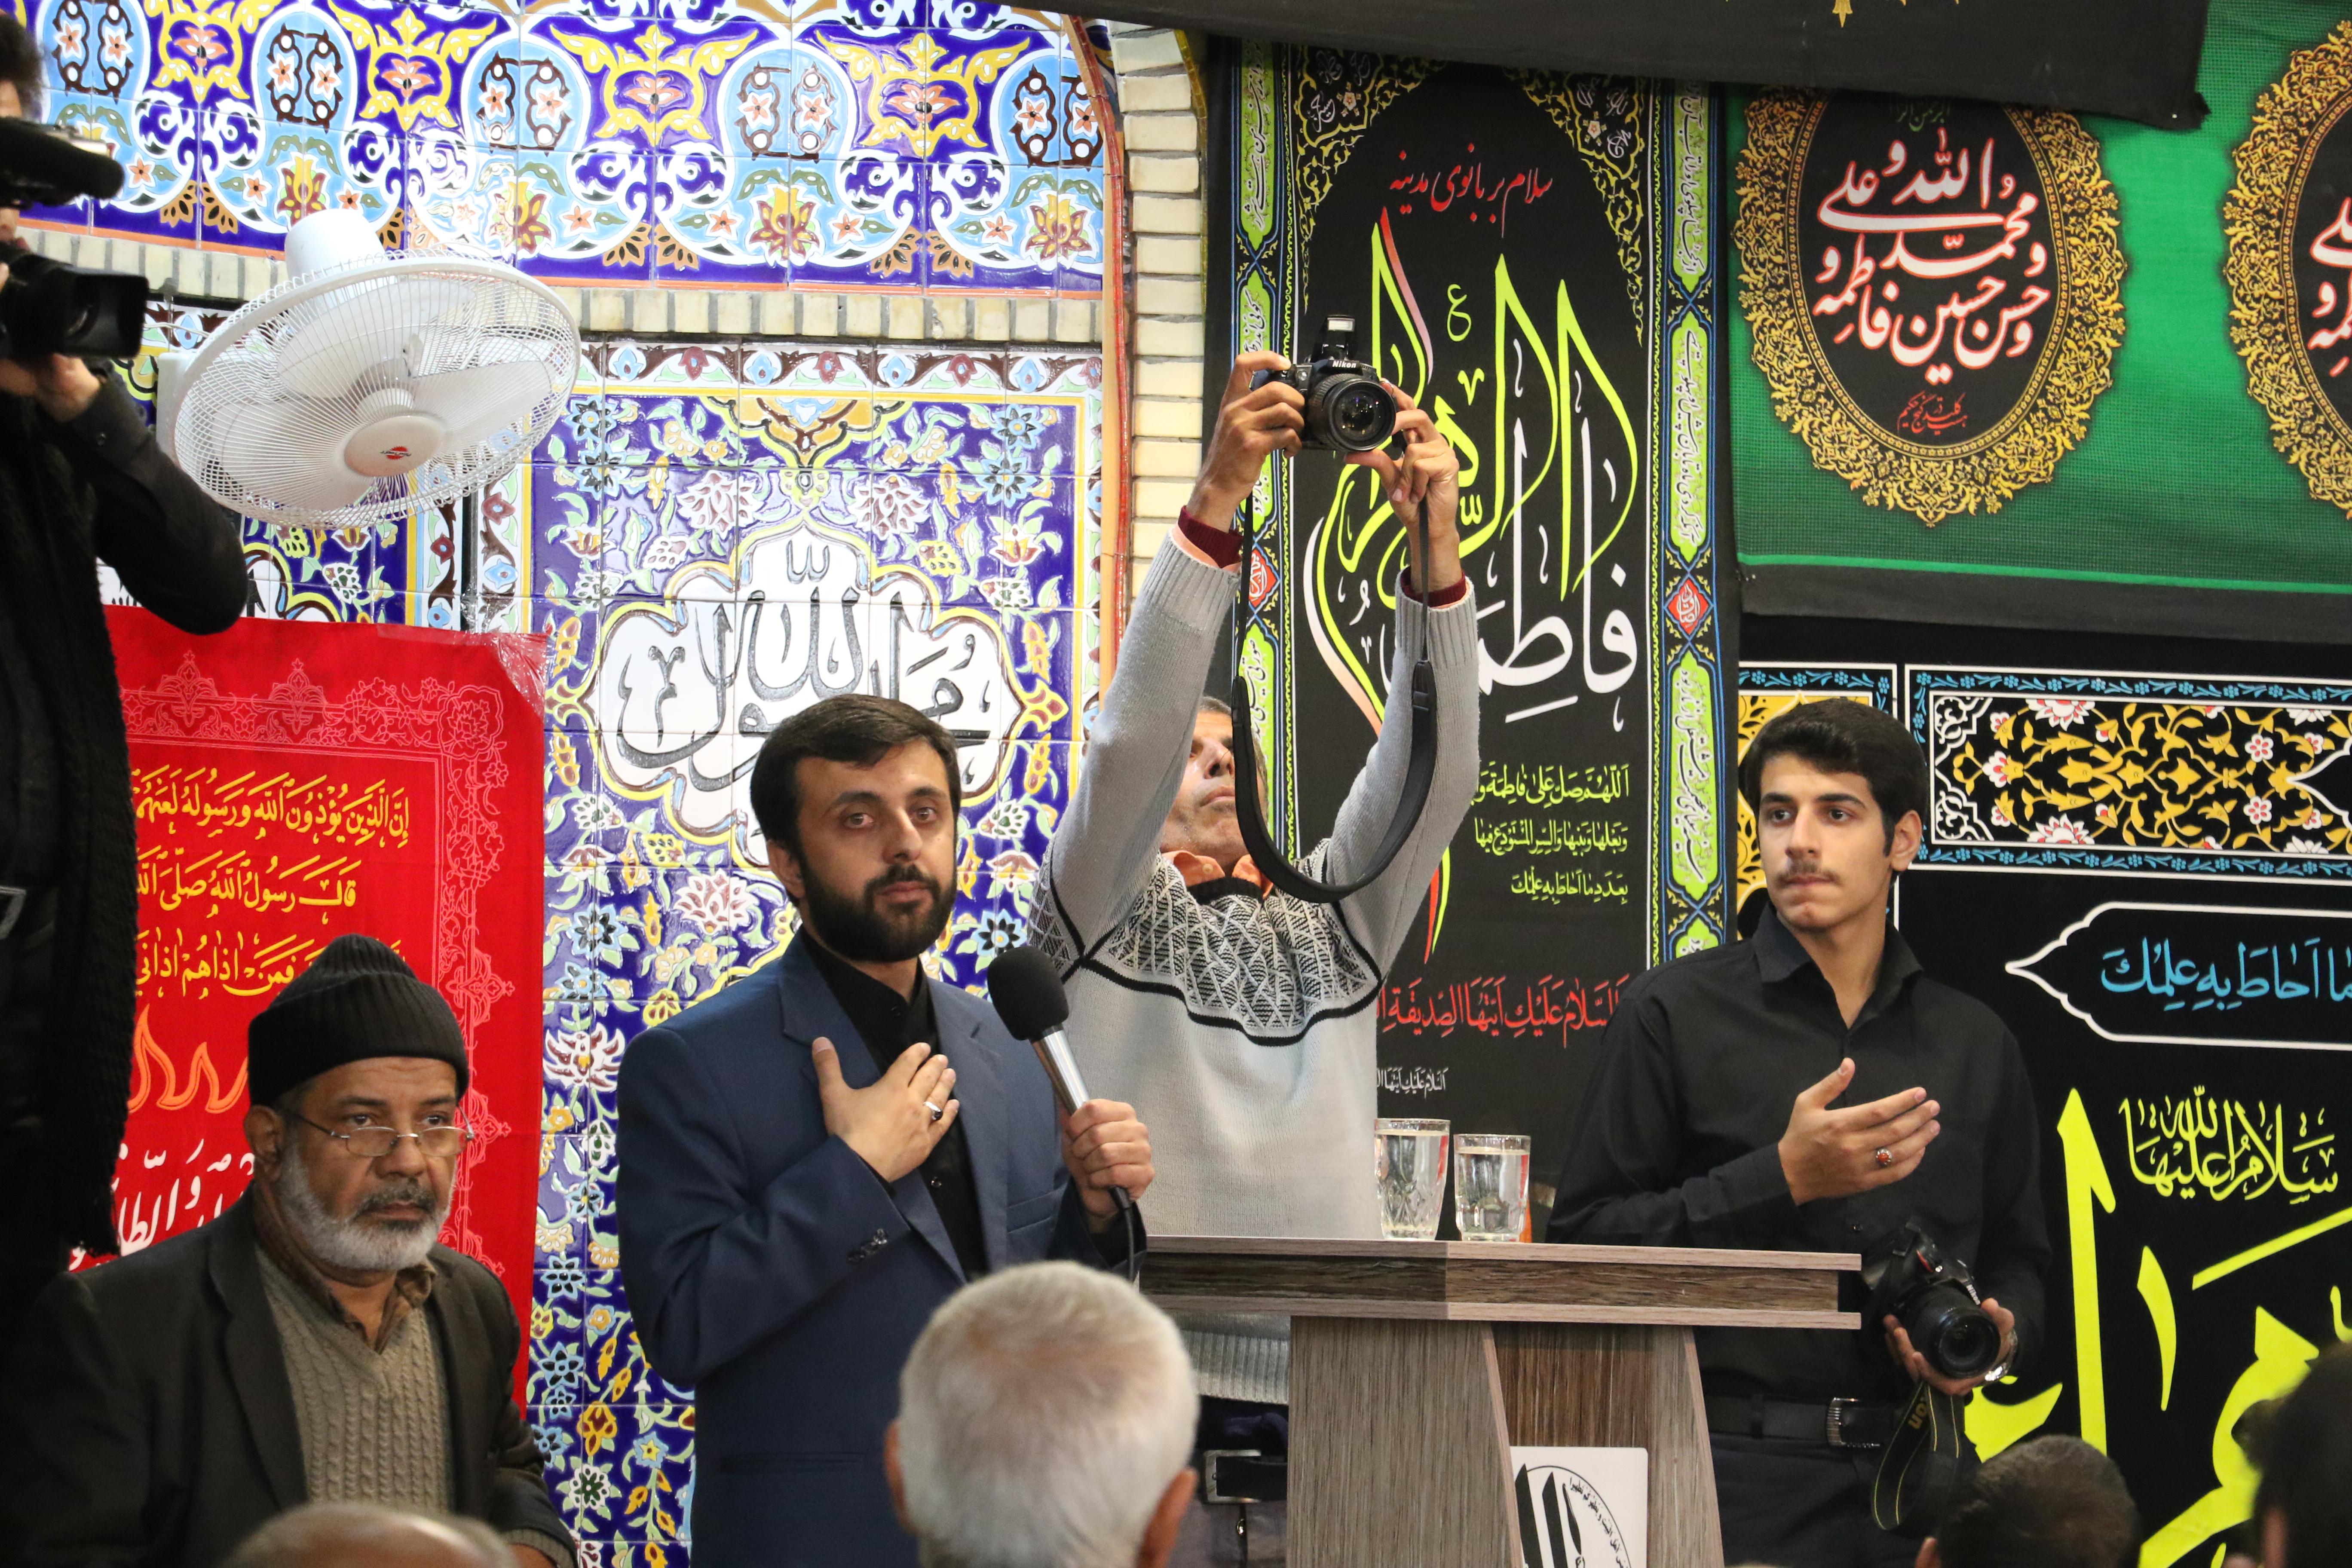 محمدصادق بهمن زادگان